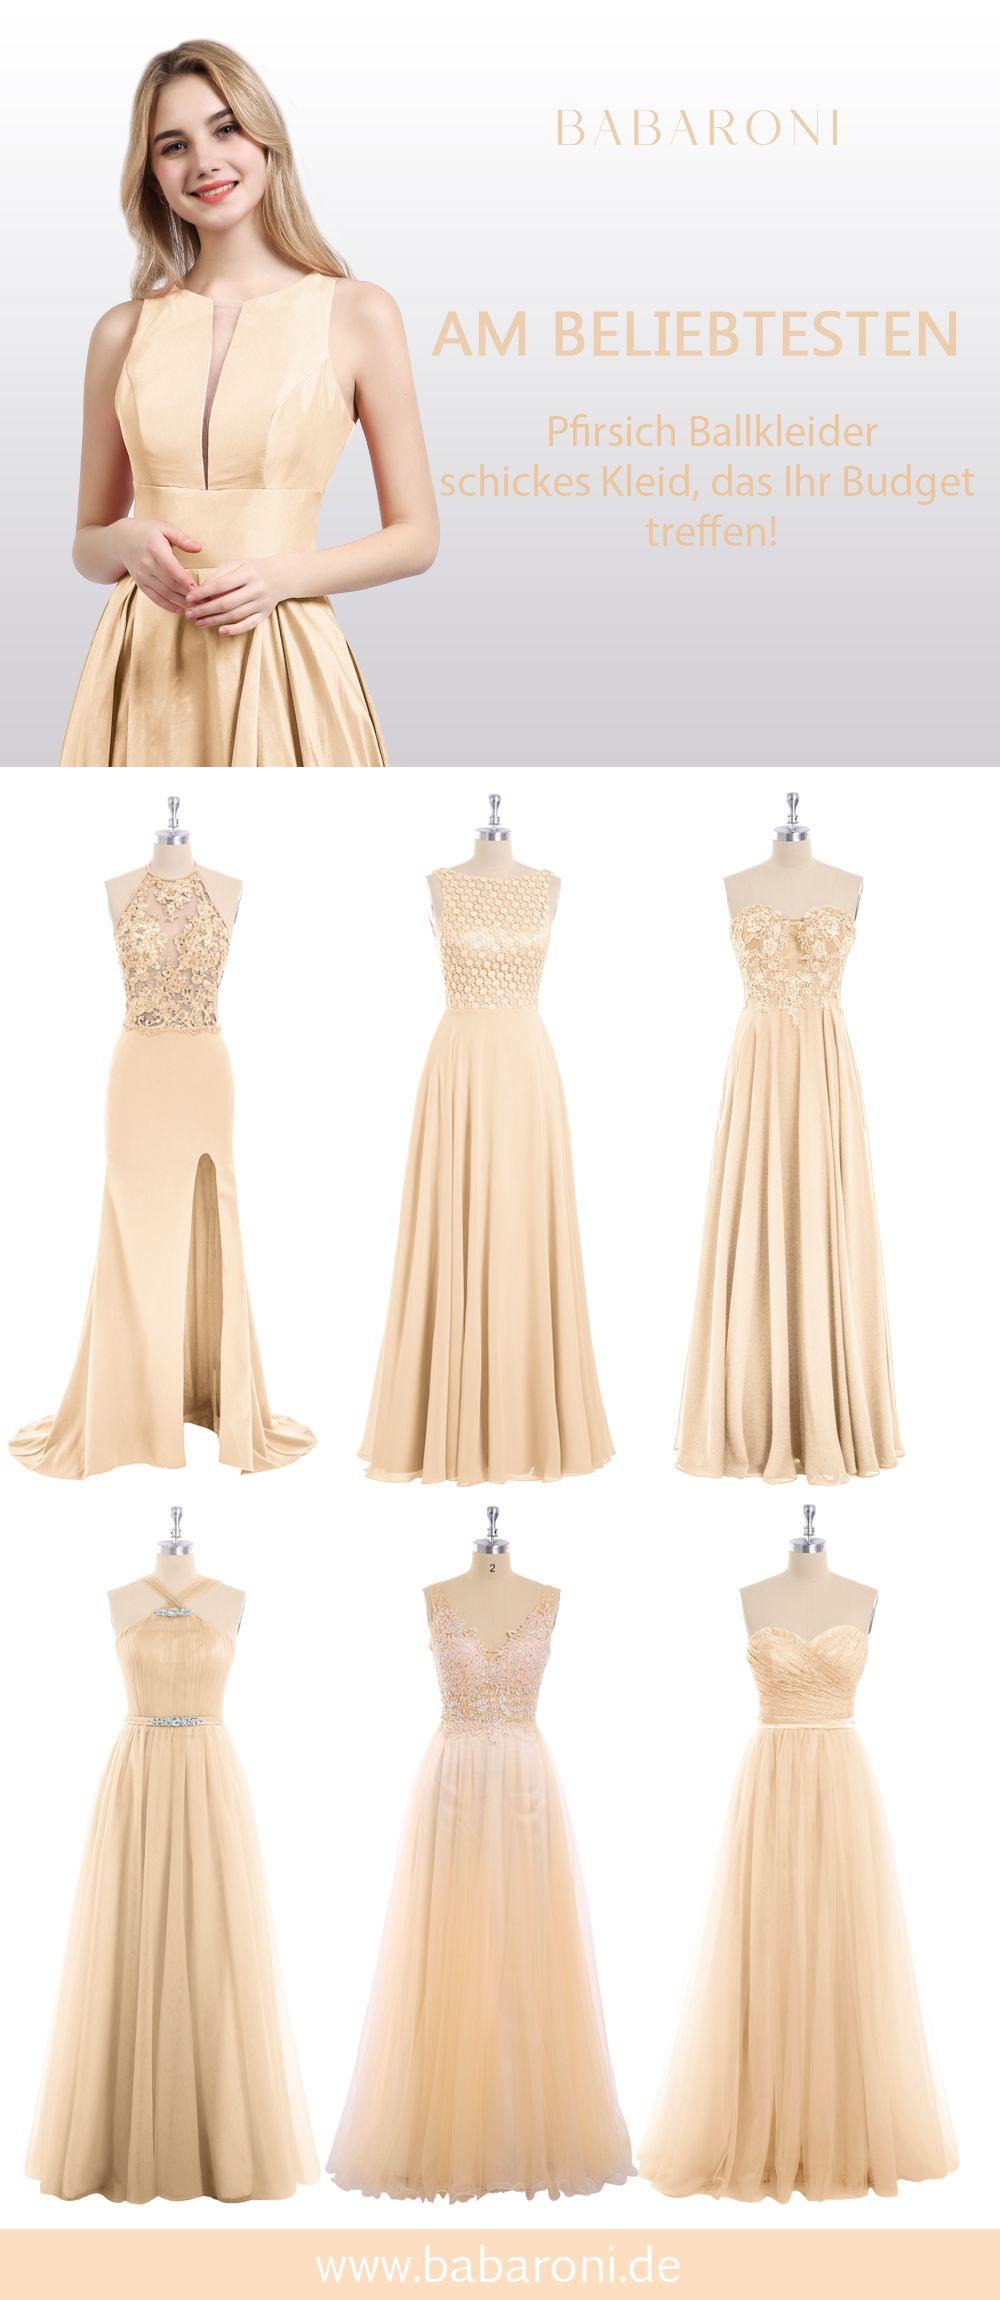 12 Elegant Schickes Kleid Für Hochzeit Vertrieb - Abendkleid